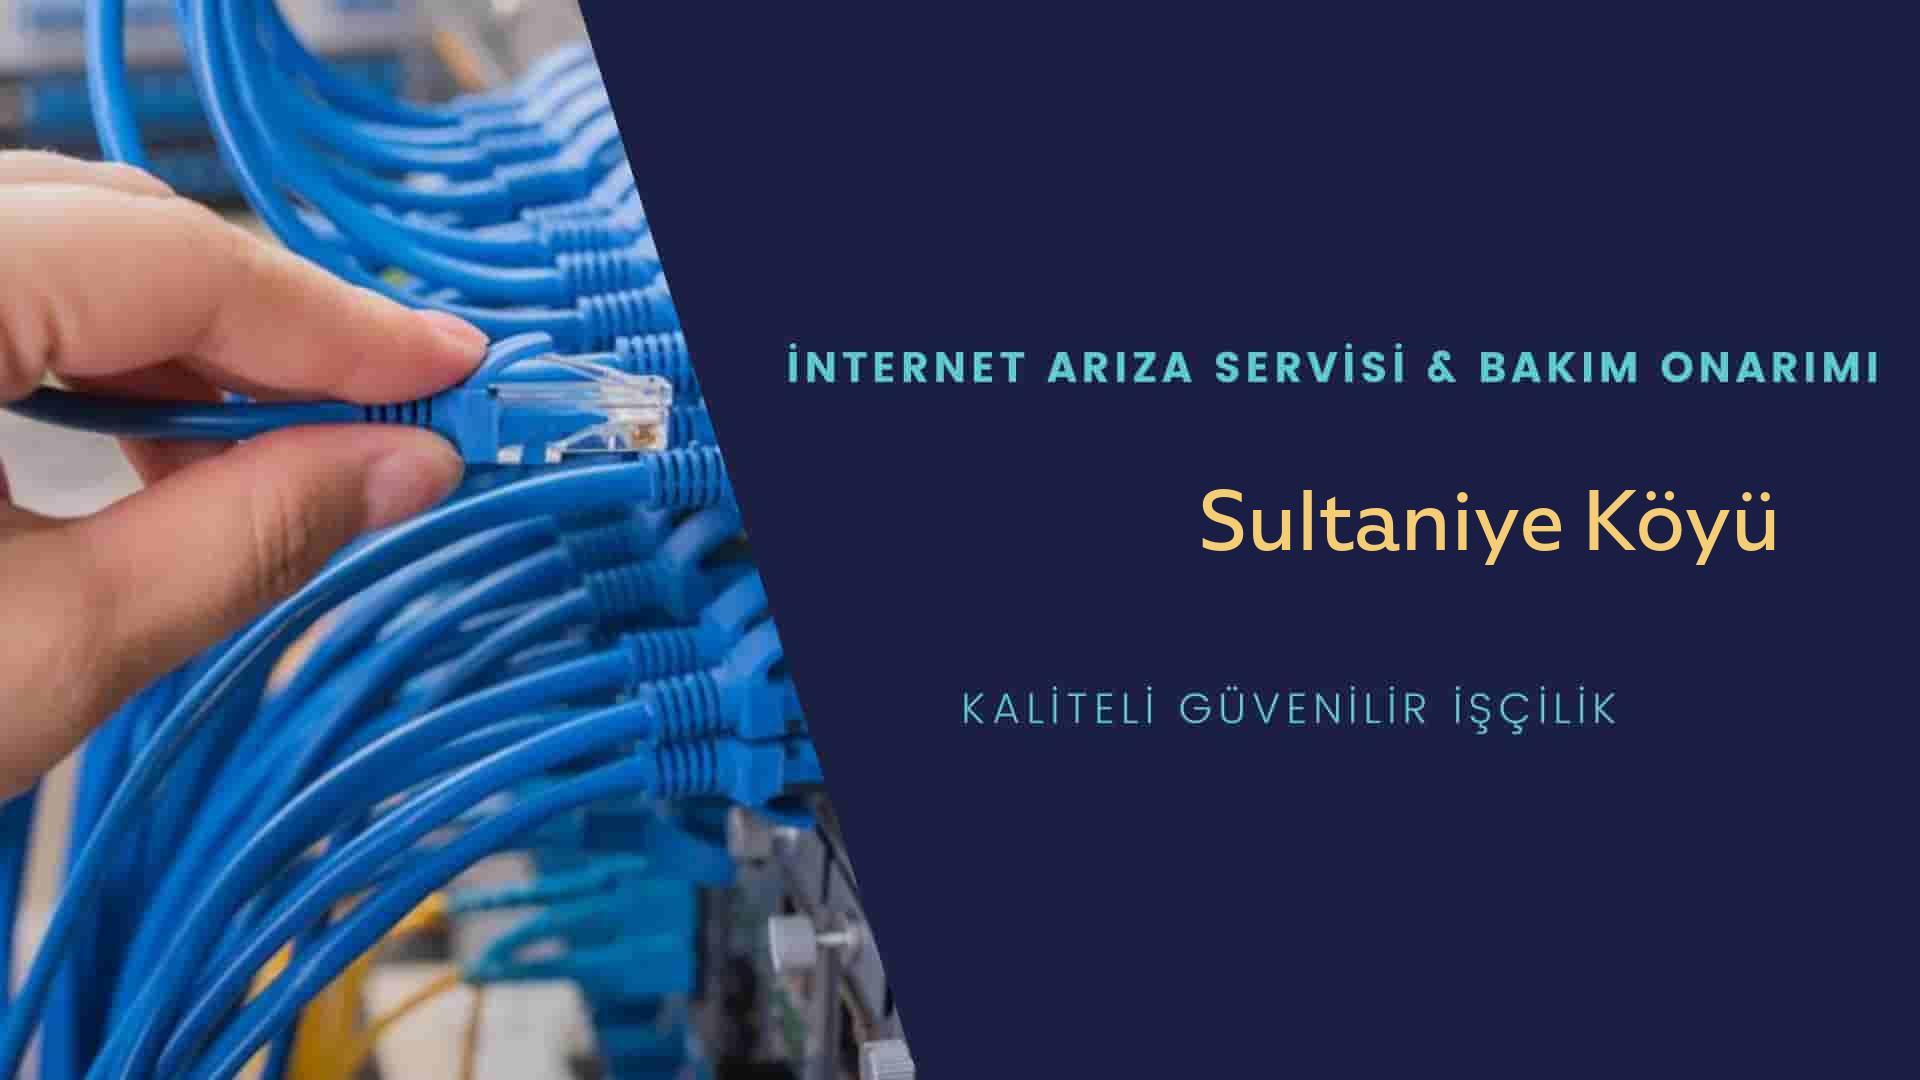 Sultaniye Köyü internet kablosu çekimi yapan yerler veya elektrikçiler mi? arıyorsunuz doğru yerdesiniz o zaman sizlere 7/24 yardımcı olacak profesyonel ustalarımız bir telefon kadar yakındır size.